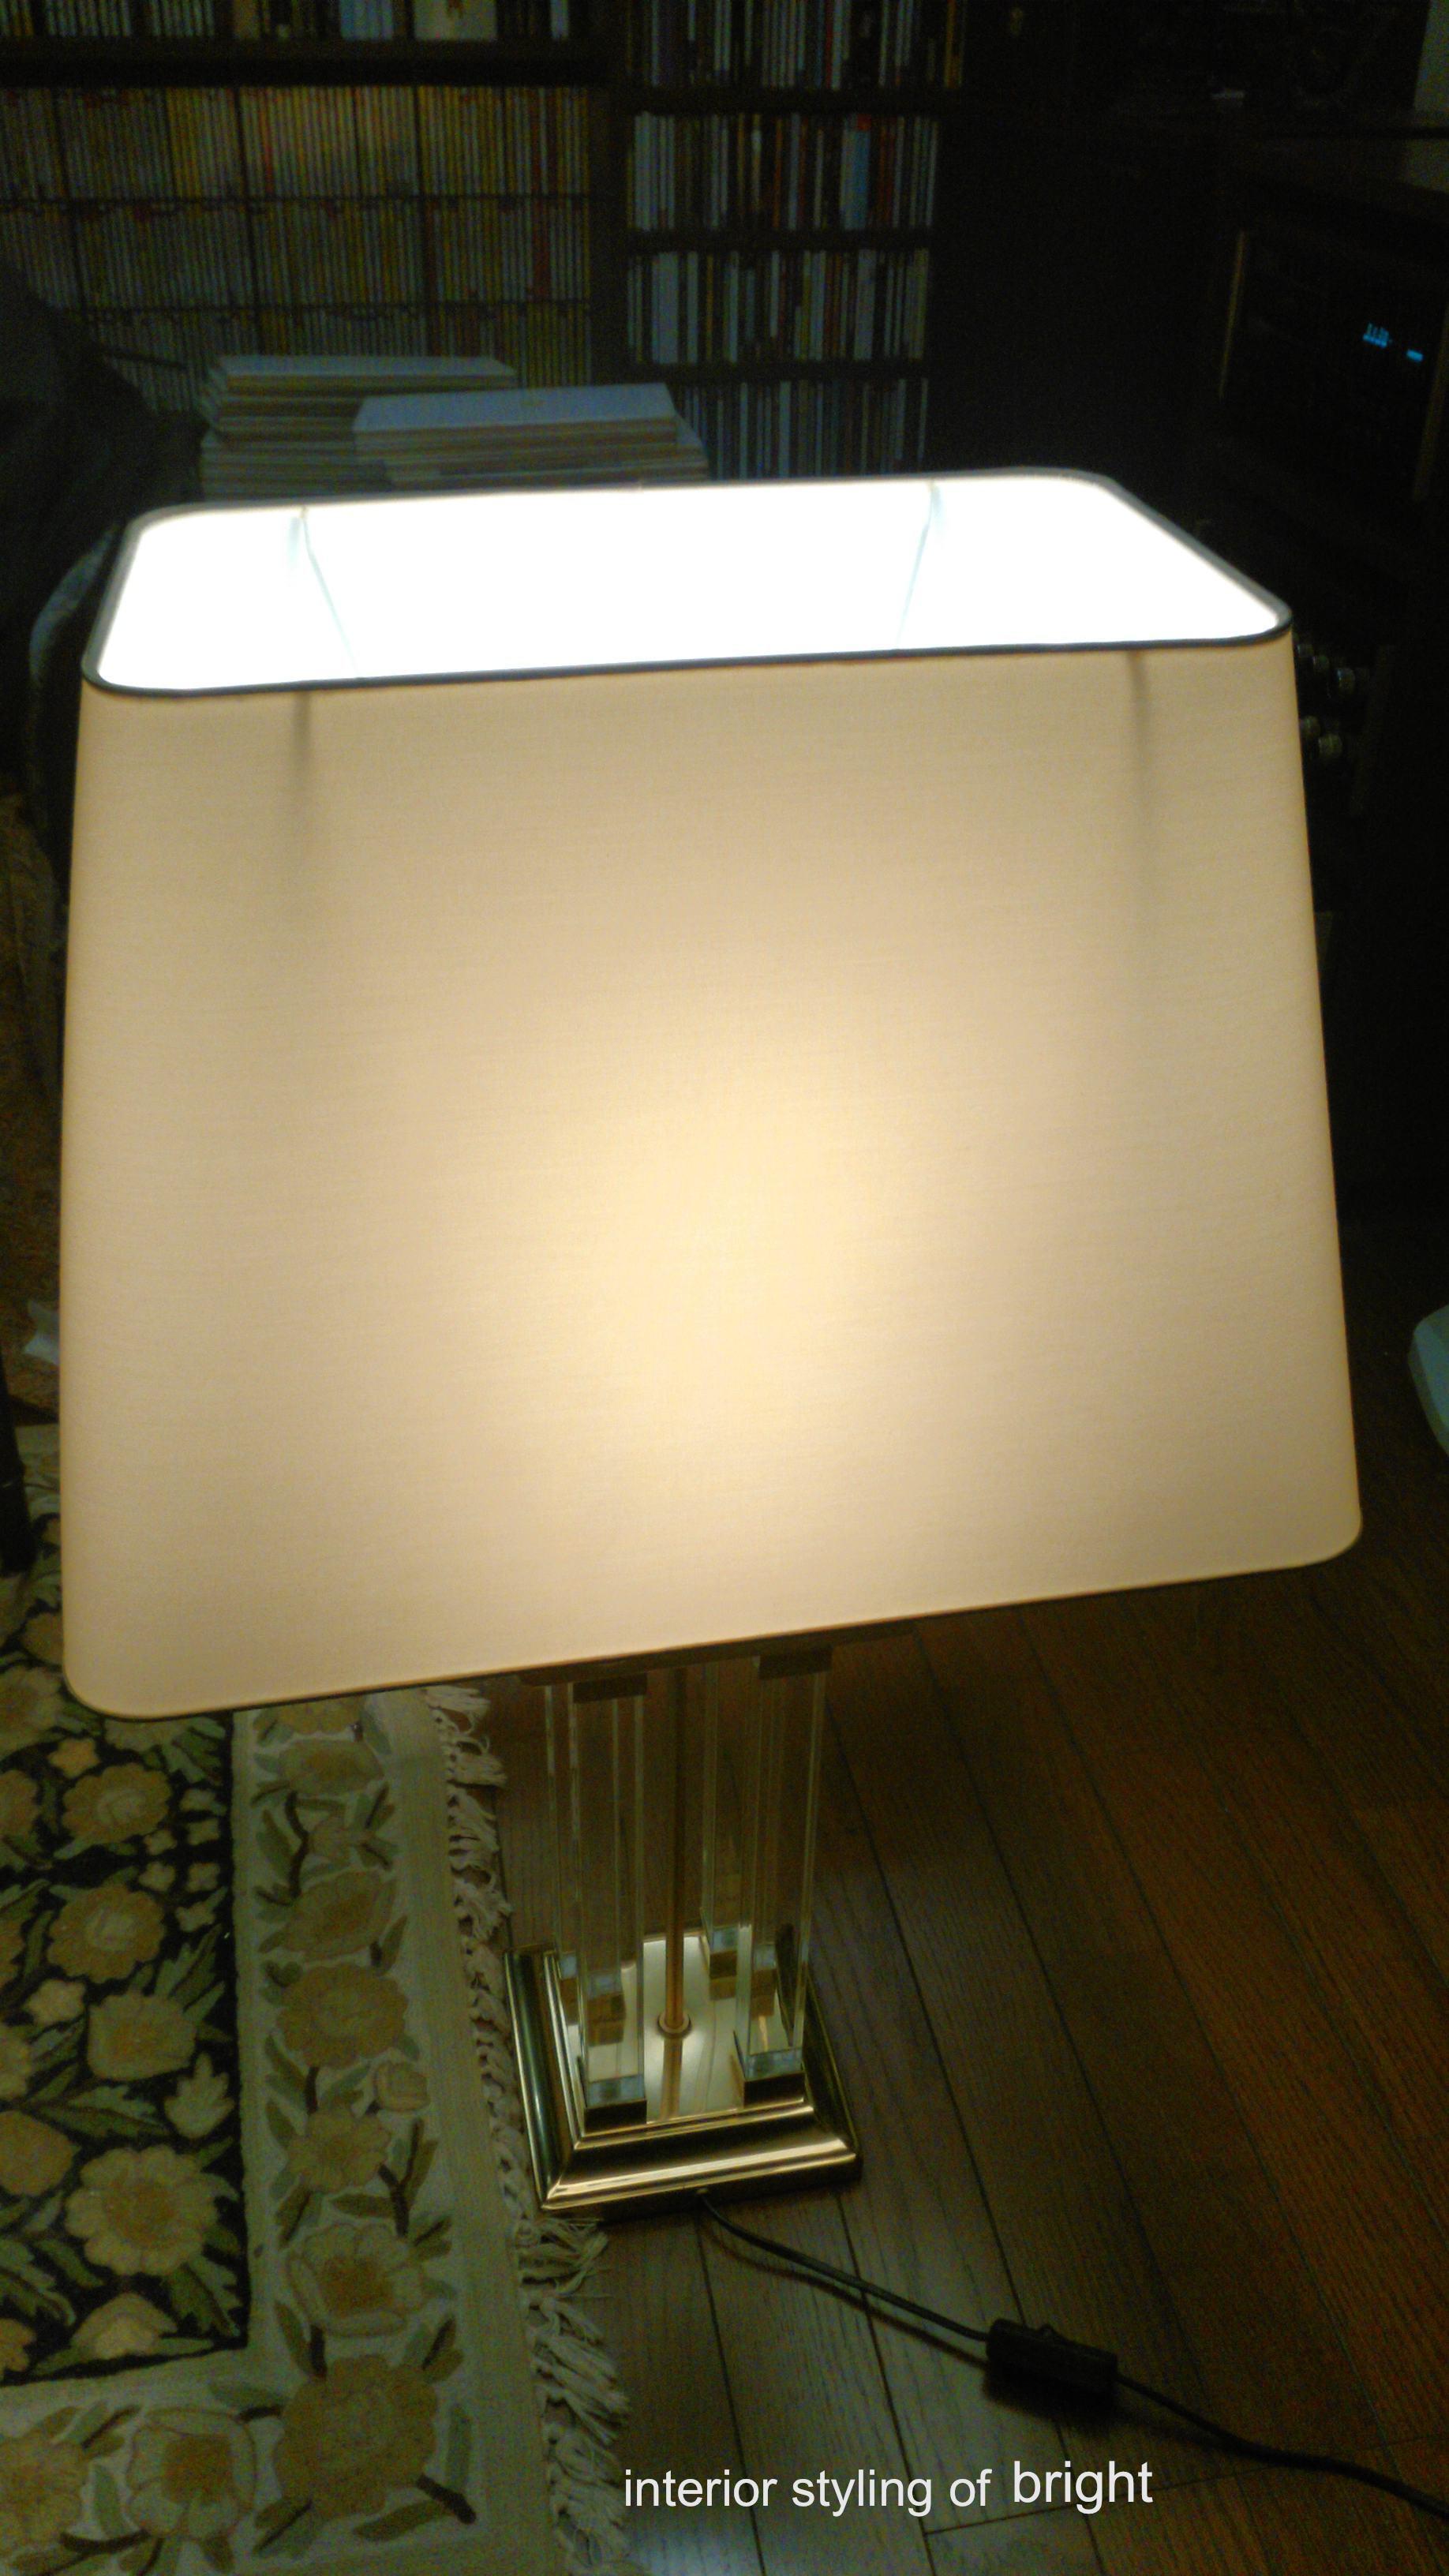 ランプシェード 張替 ウィリアムモリス正規販売店のブライト_c0157866_18141099.jpg